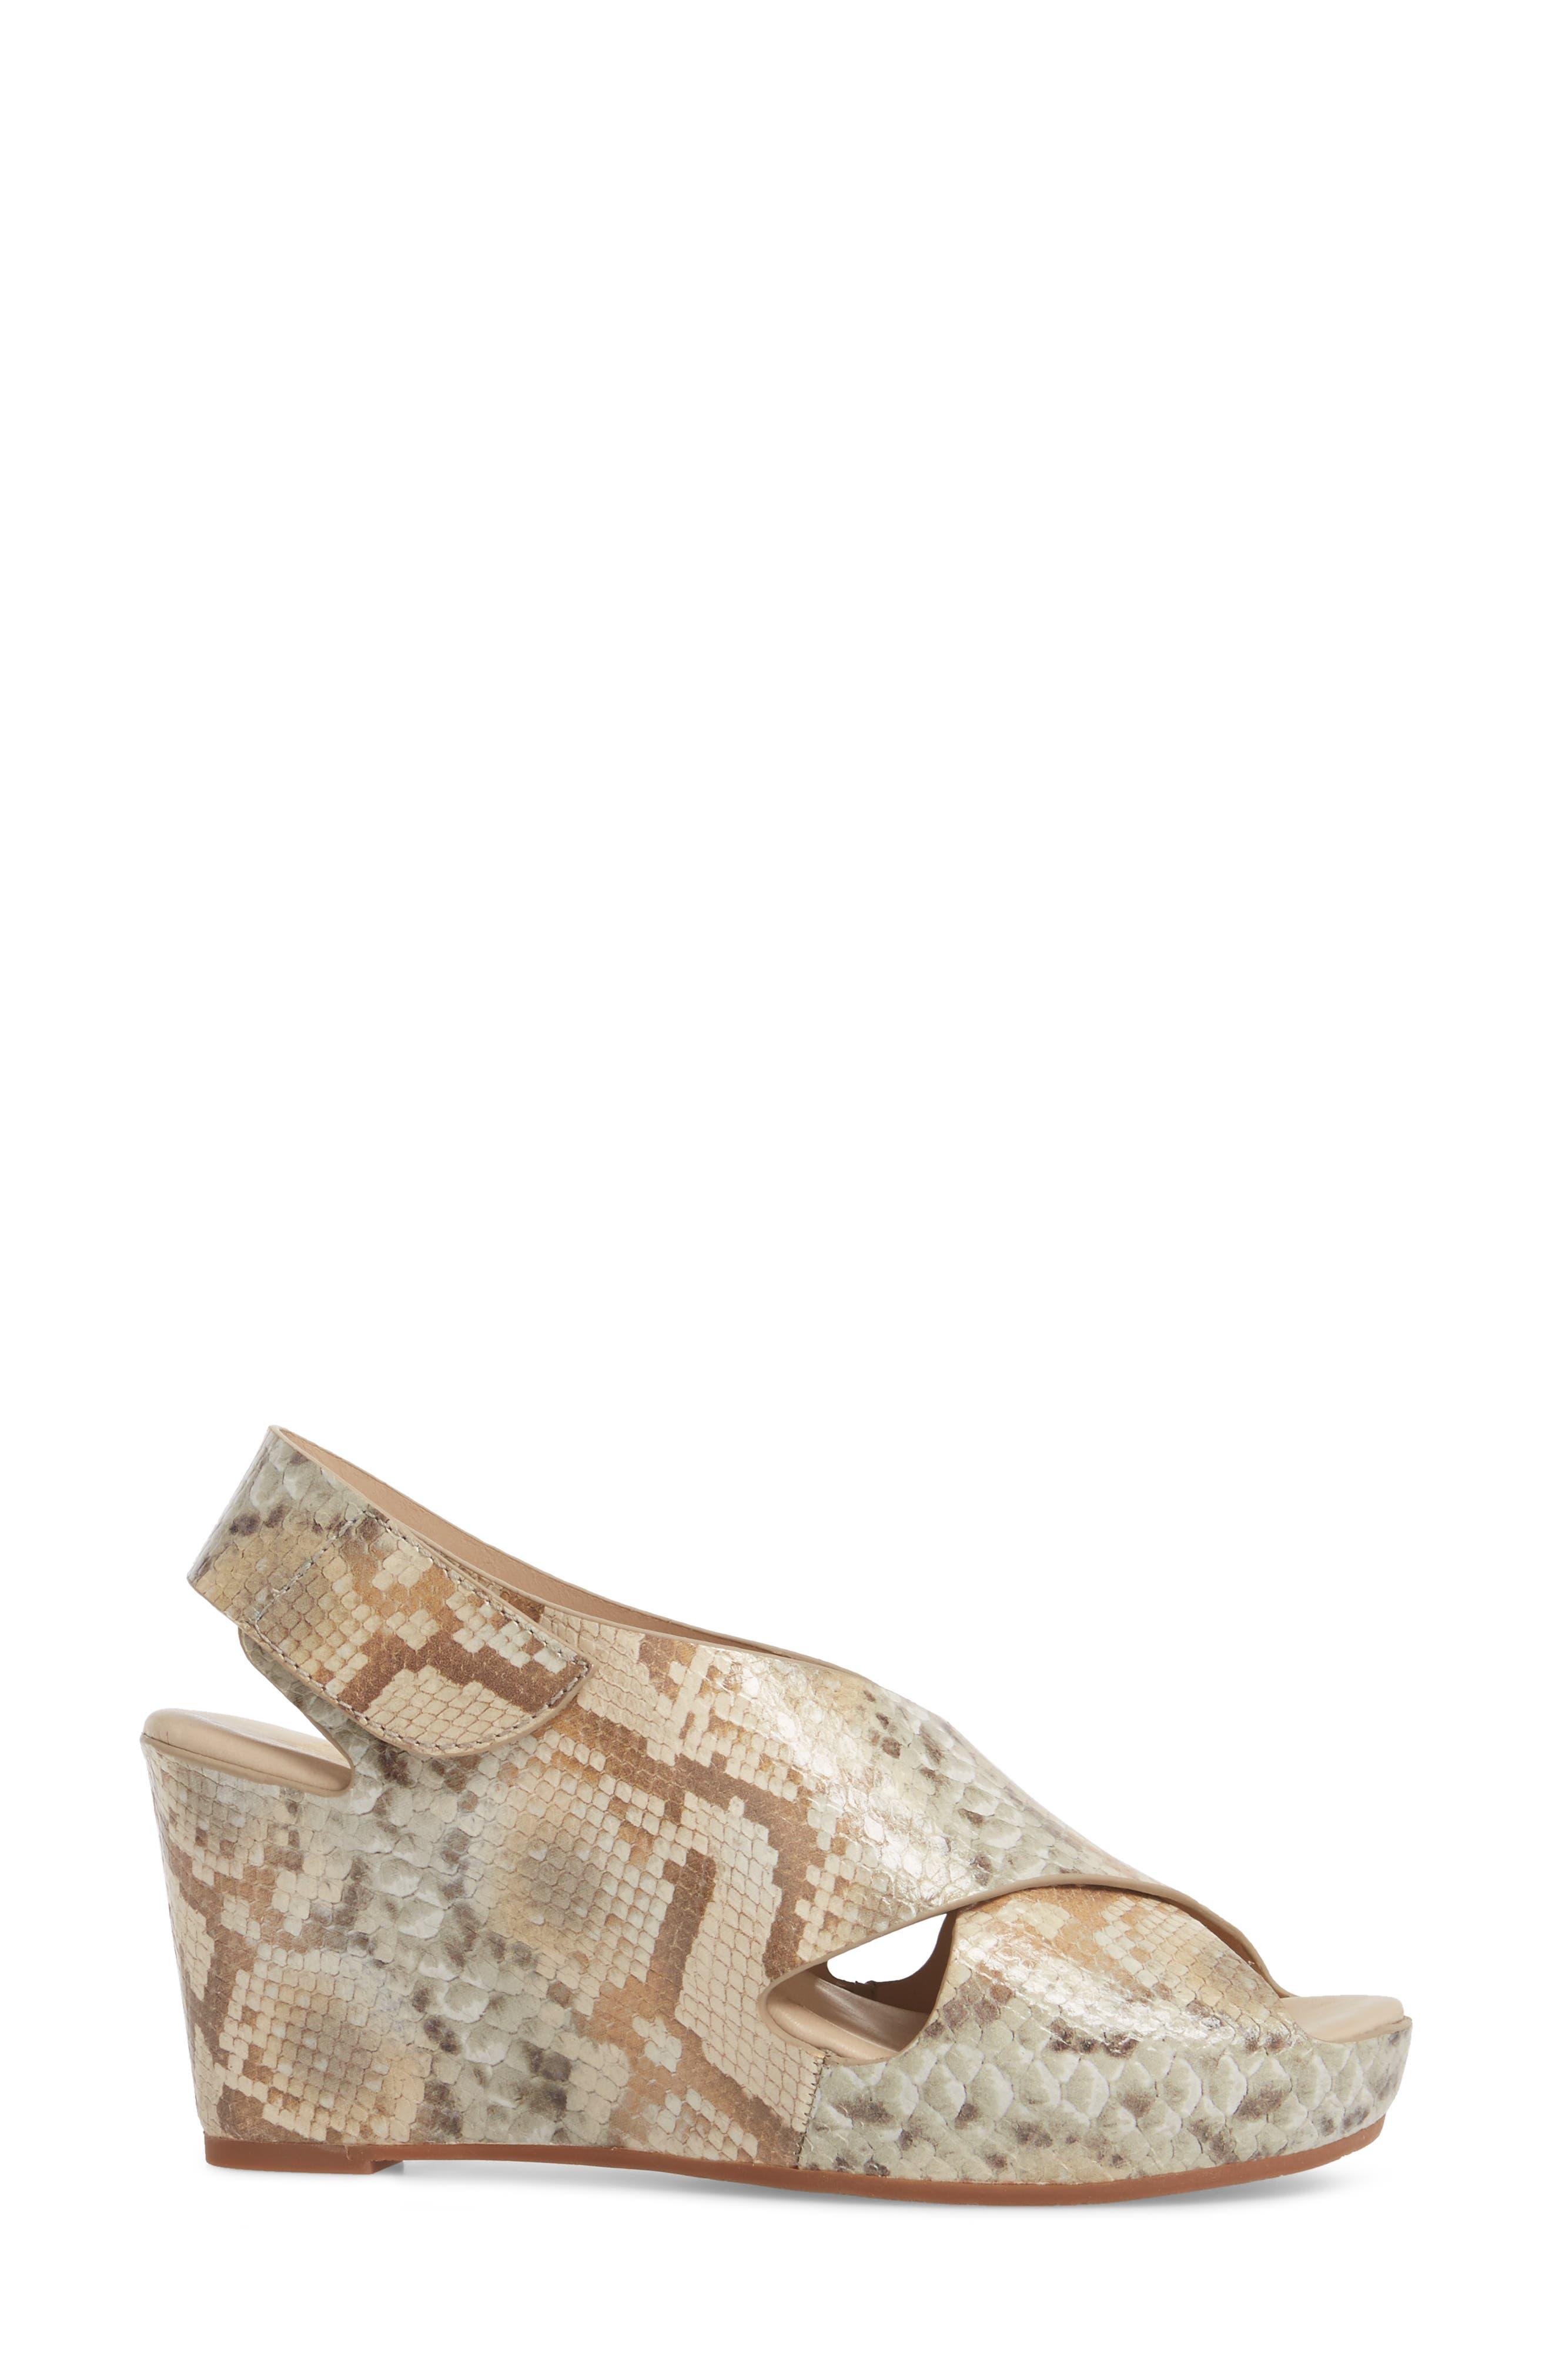 'Tori' Wedge Sandal,                             Alternate thumbnail 3, color,                             251